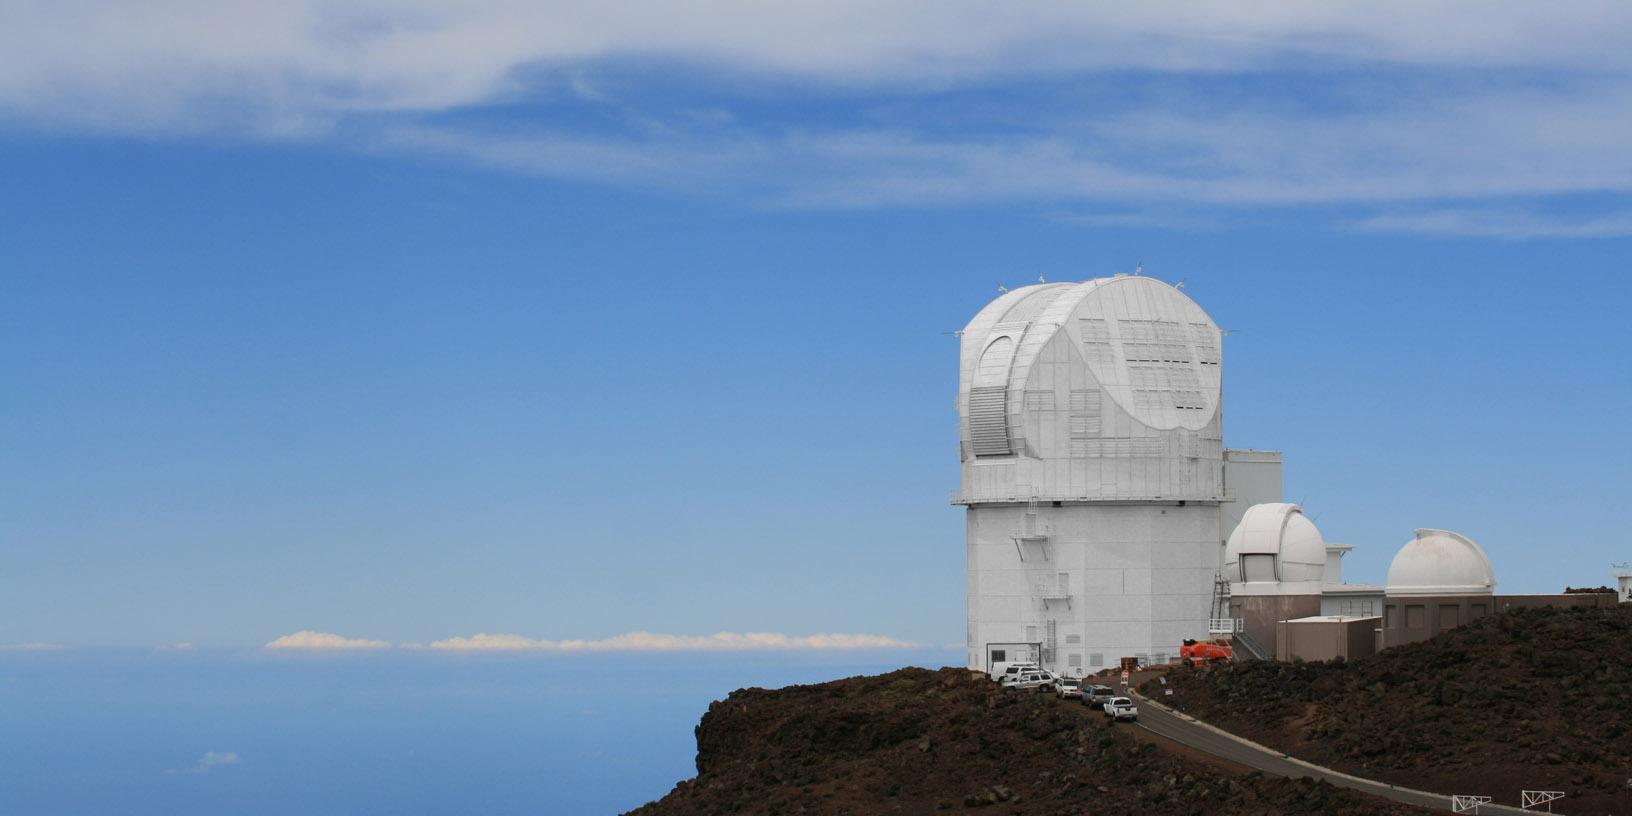 DKIST_Solar_Telescope_Enclosure-Hawaii-Haleakala_IDOM